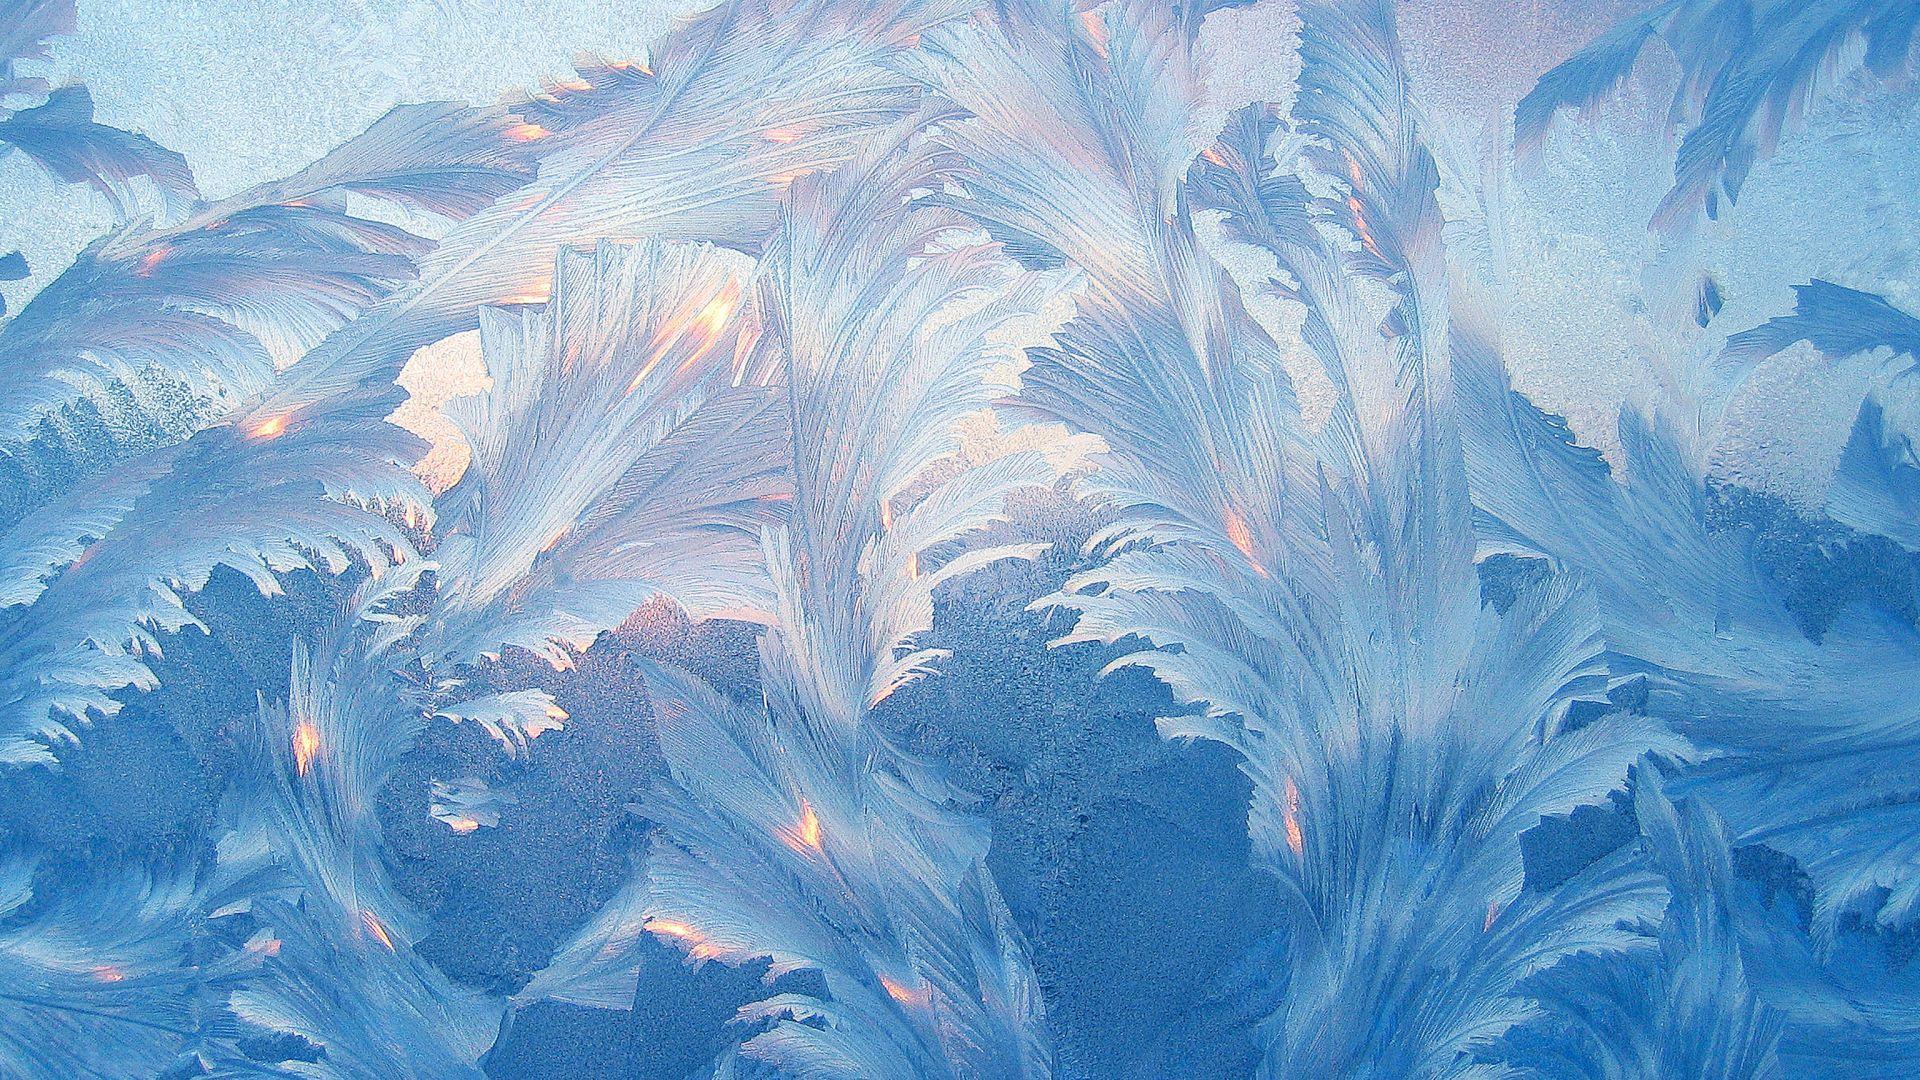 Winter Patterns On The Window desktop wallpaper